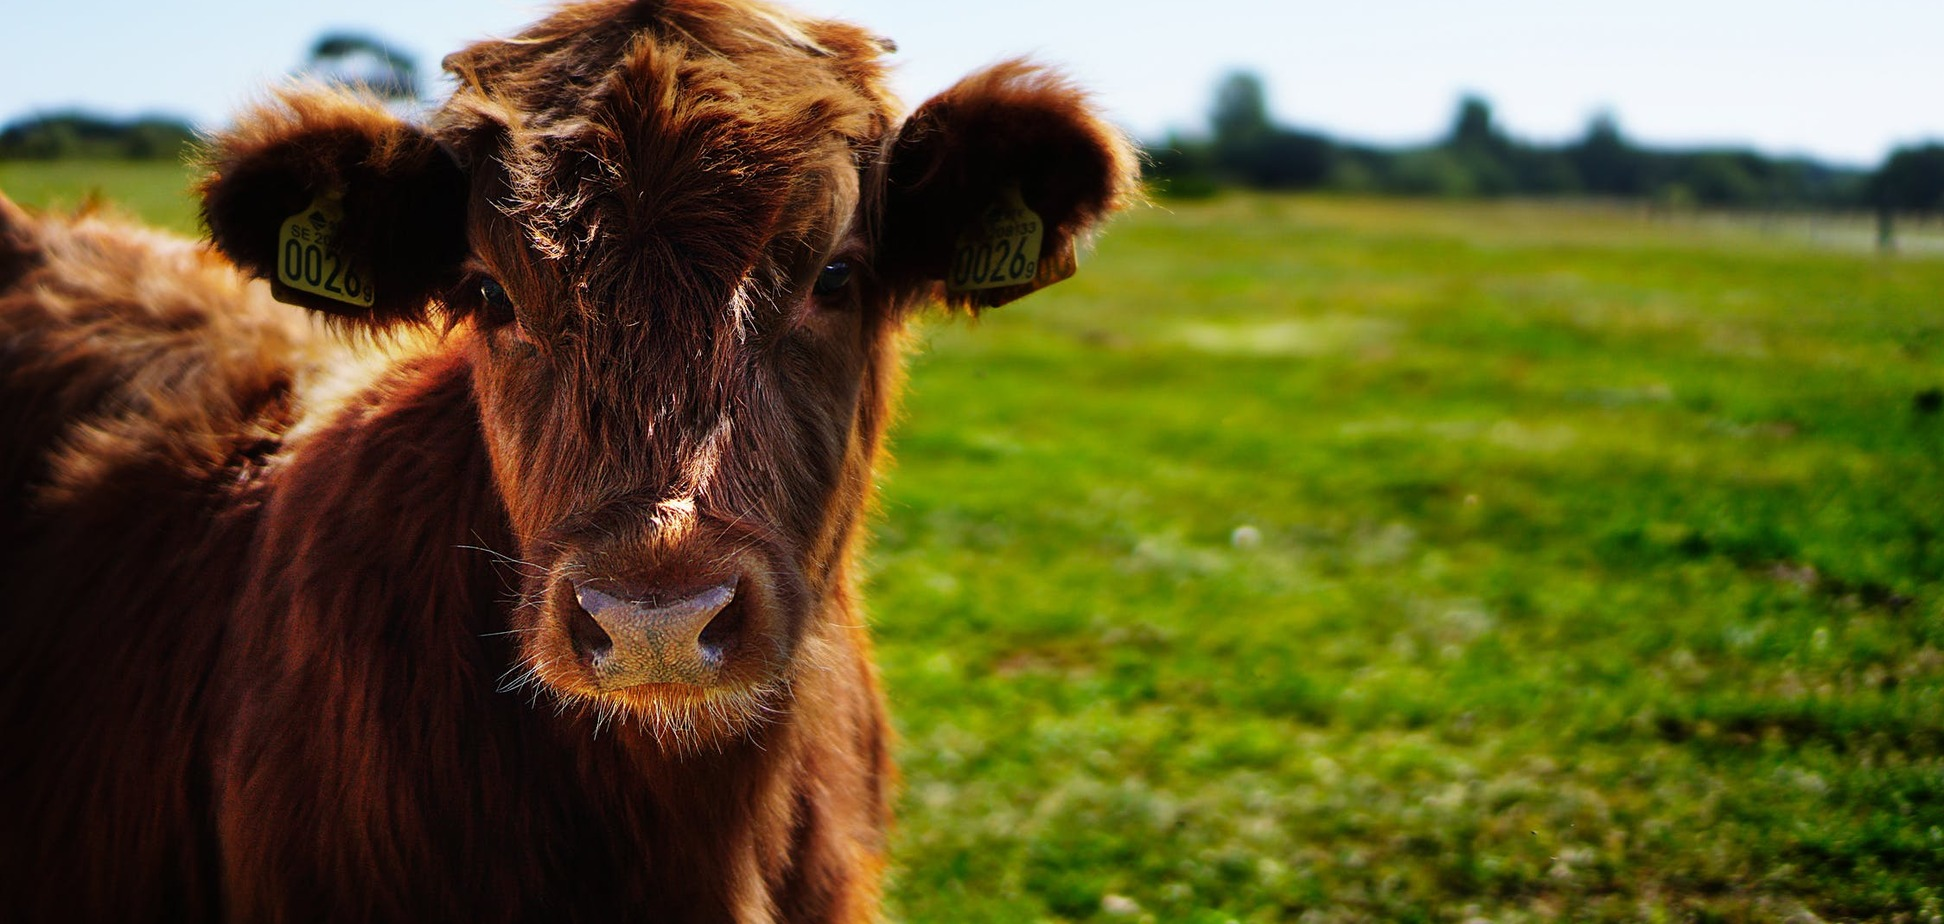 Где вас поджидает счастье? Психологический тест с коровой